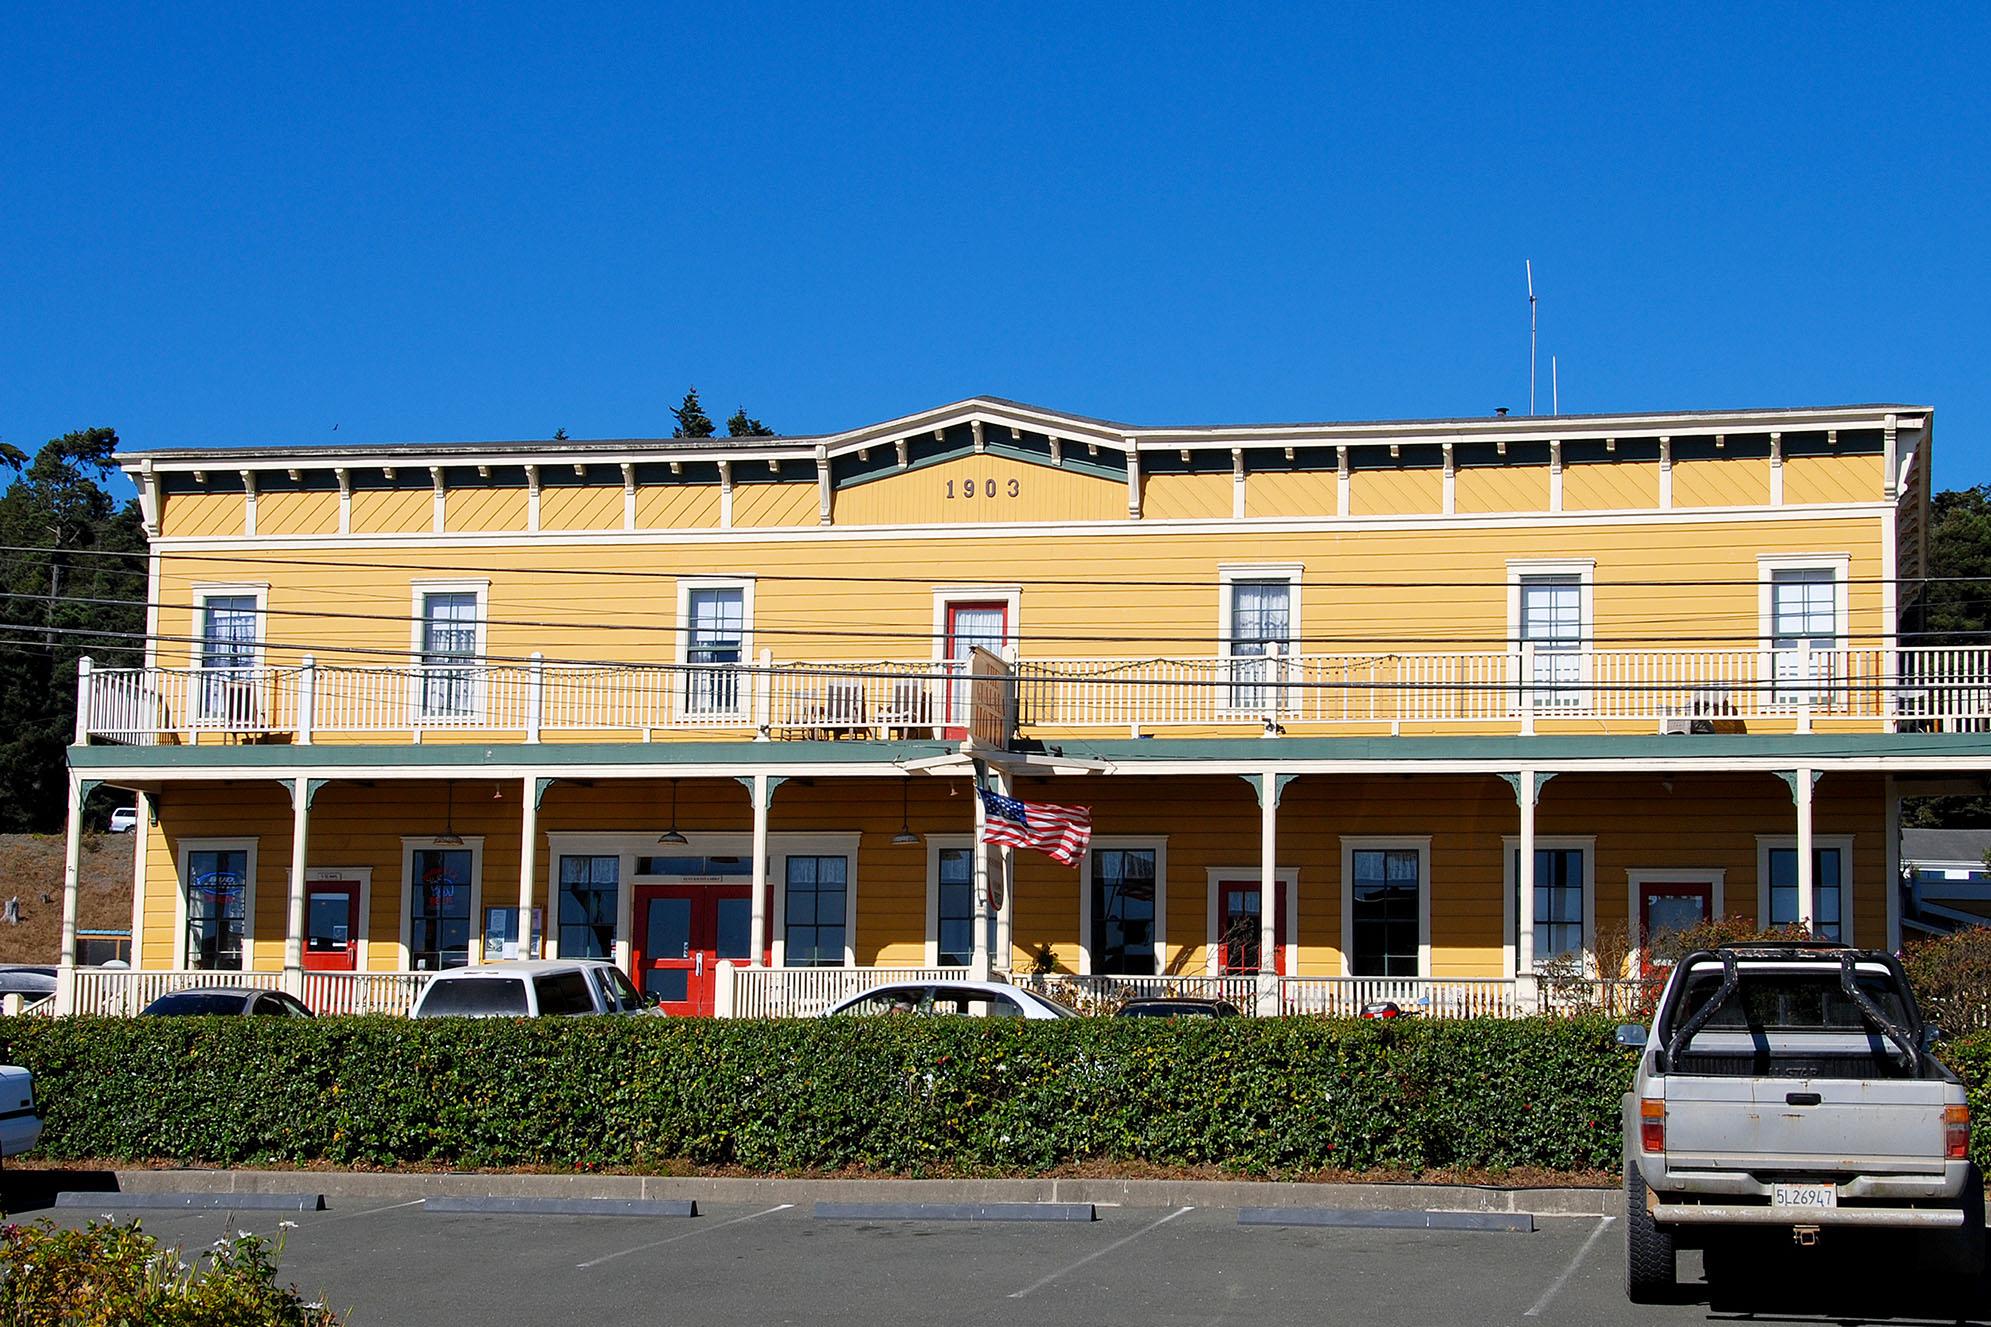 Gualala hotel